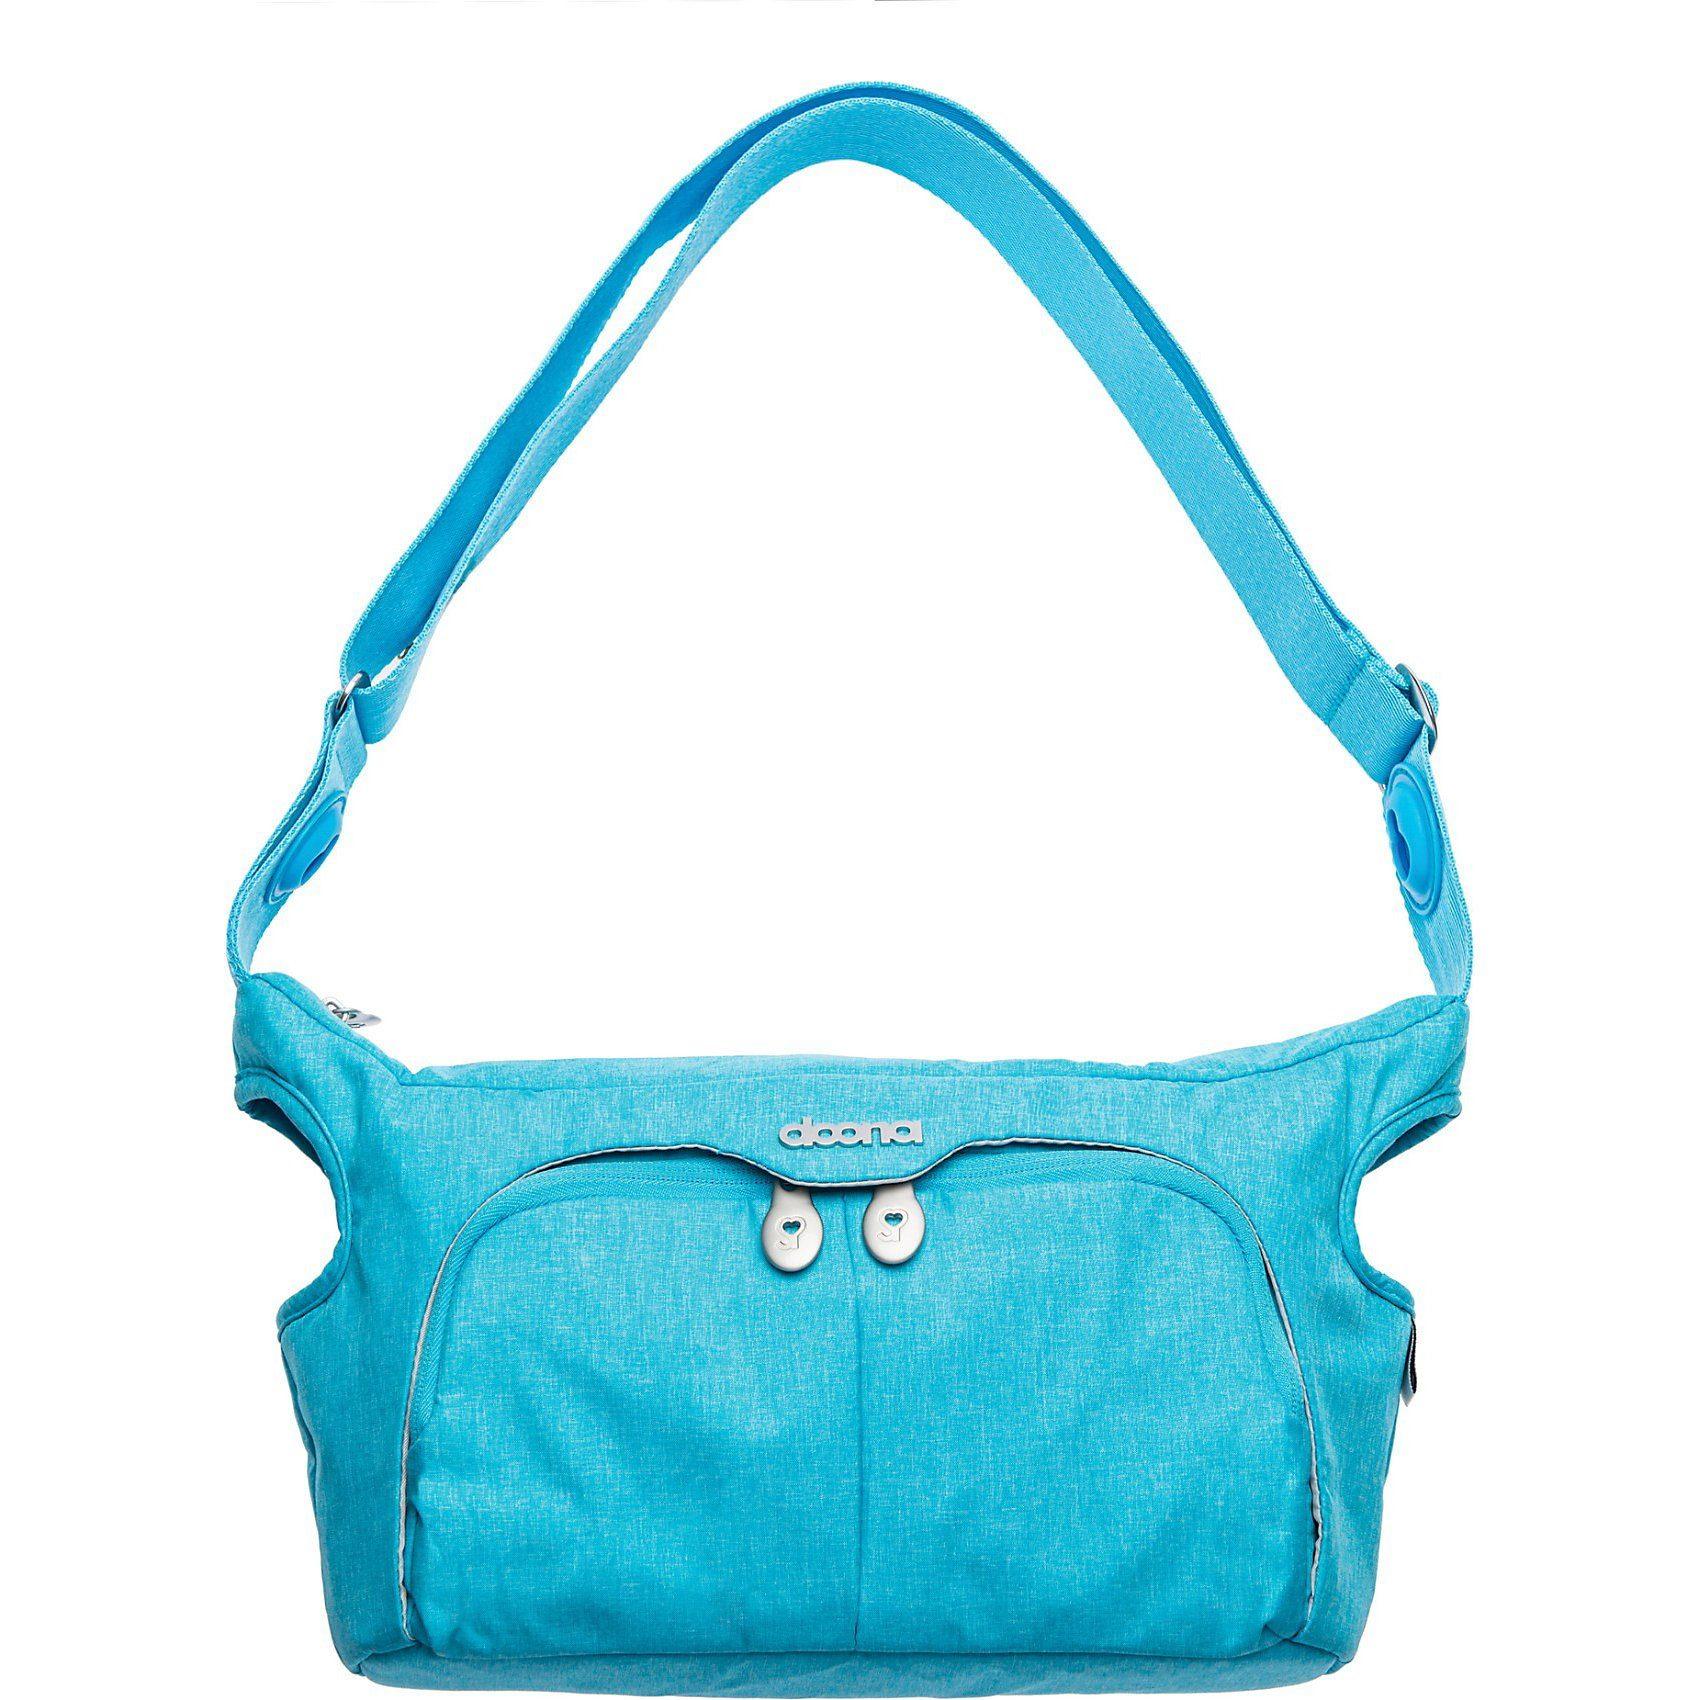 Doona Wickeltasche Essentials Bag, sky